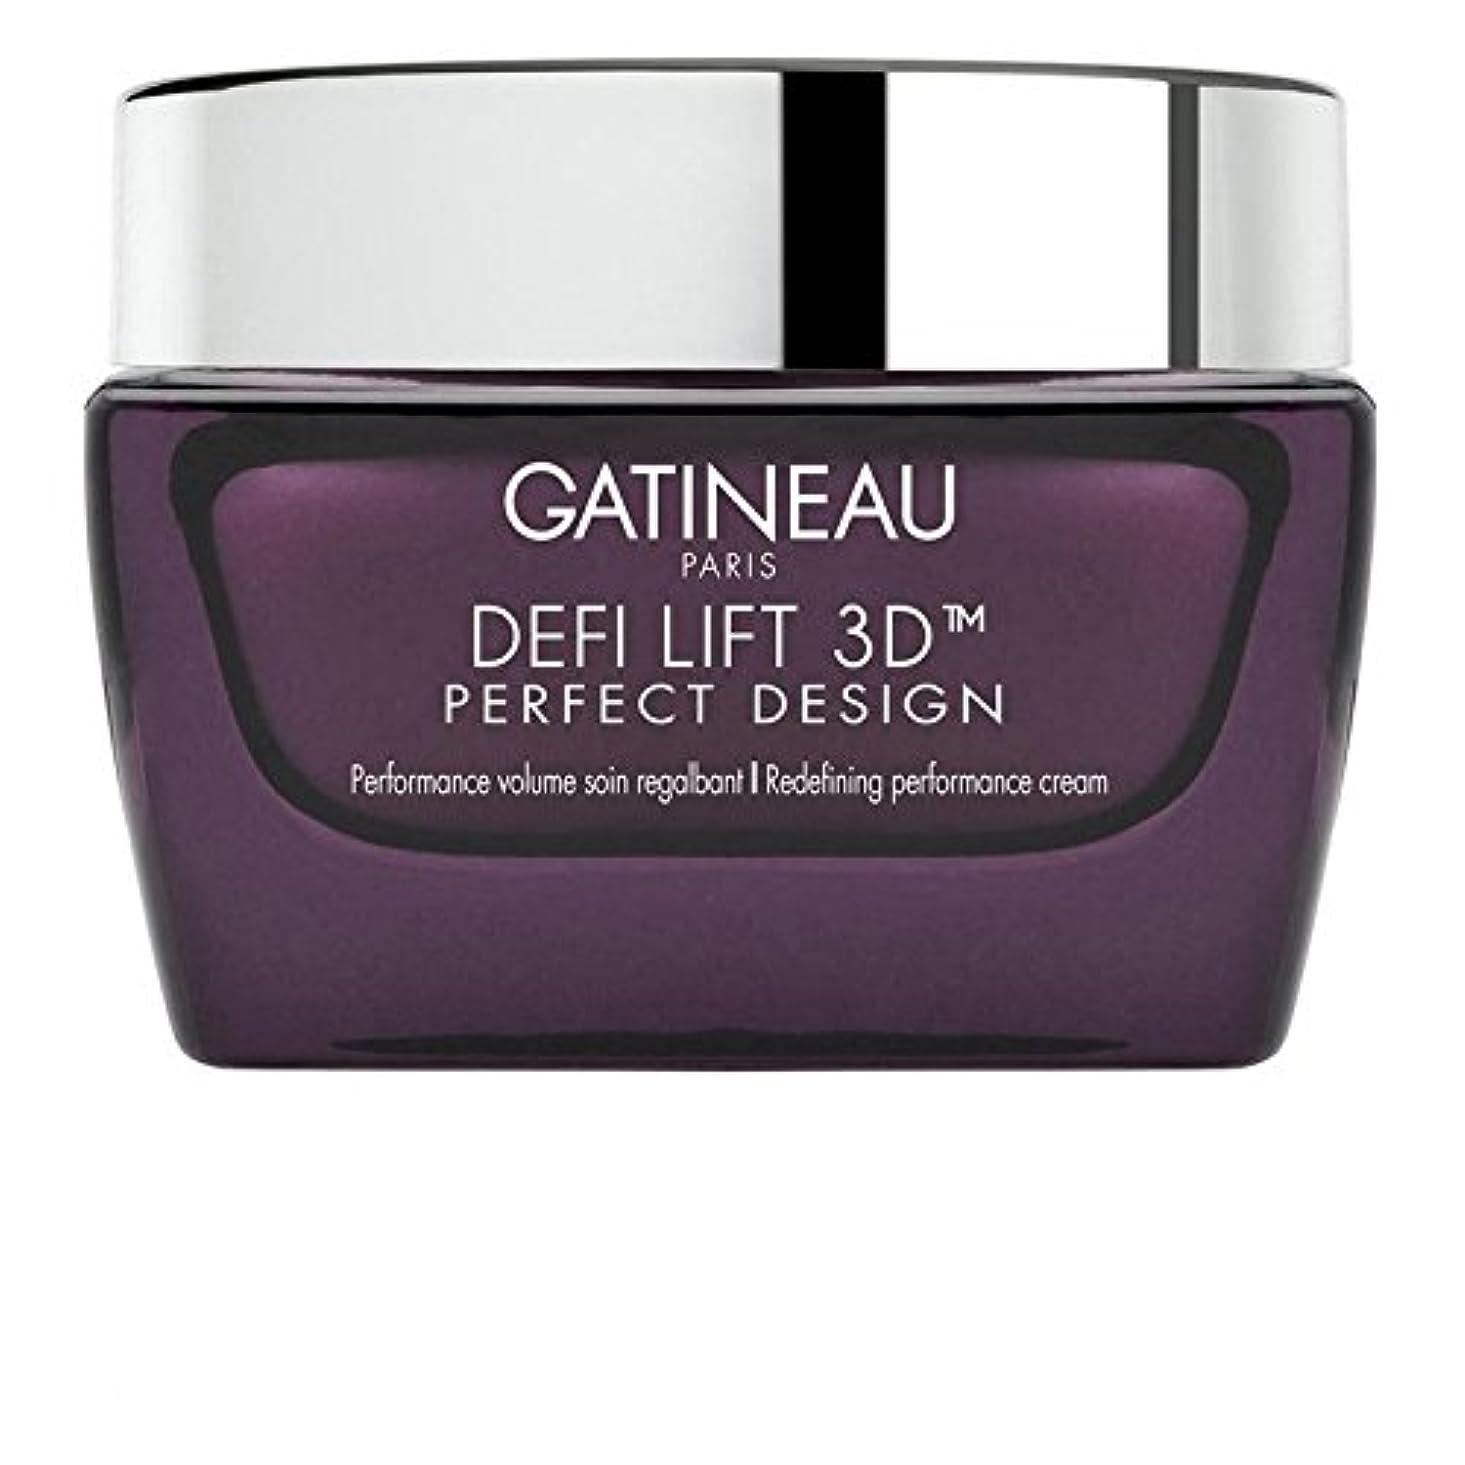 限られた最大そしてGatineau DefiLIFT 3D Perfect Design Redefining Performance Cream 50ml - ガティノー 3完璧なデザインの再定義パフォーマンスクリーム50 [並行輸入品]